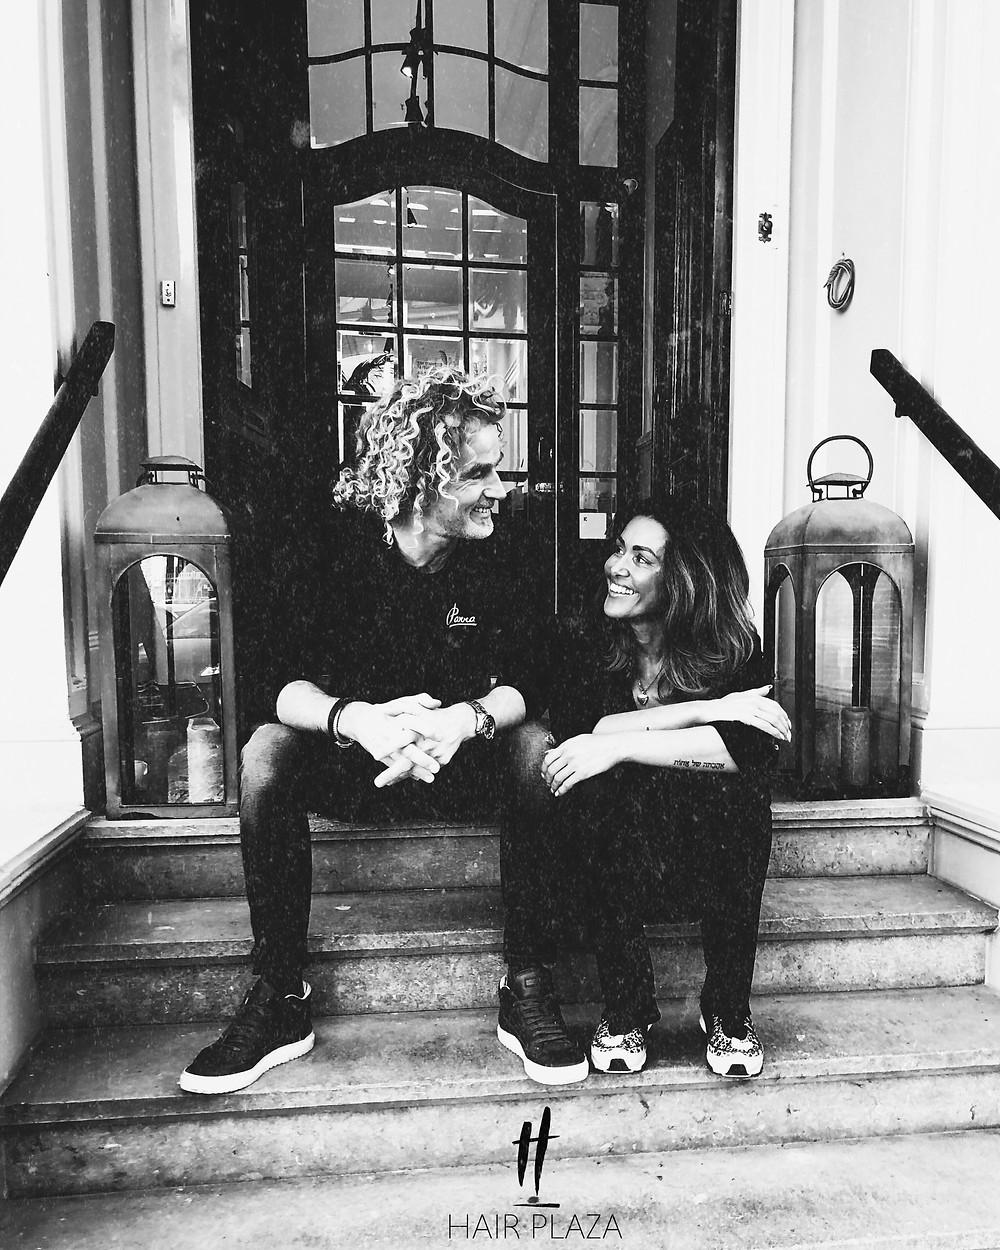 Huub en Sharon samen op trap bij ingang van hun prachtige stadvilla in Zwolle waar zij Hair Plaza voeren.